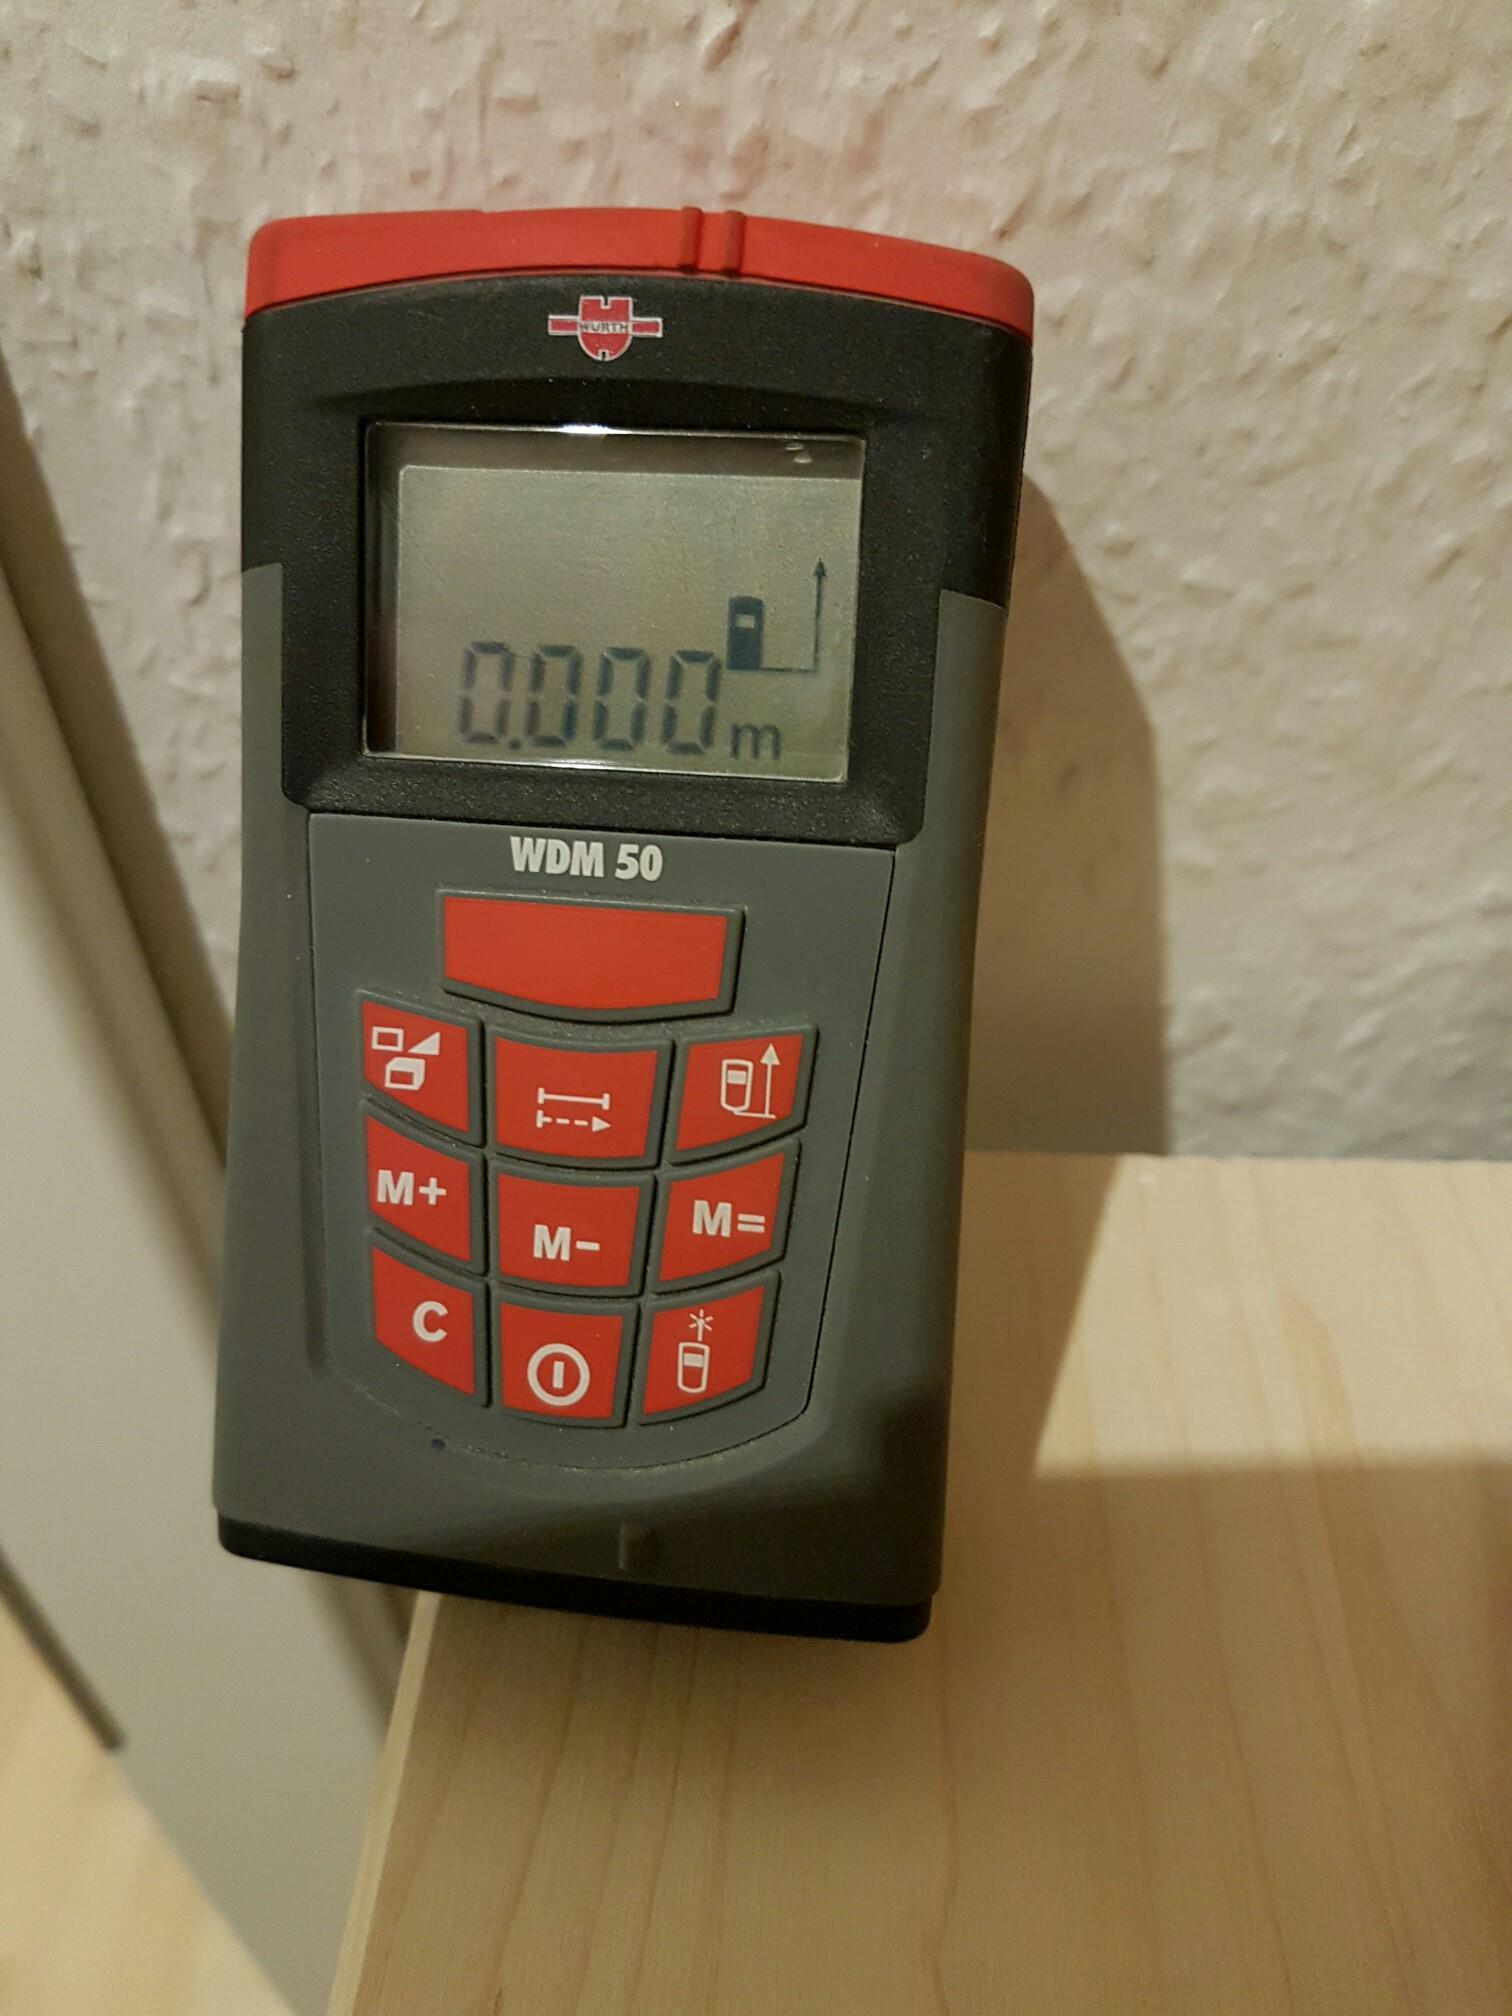 Würth entfernungsmesser app elektronische wasserwaagen baumarkt